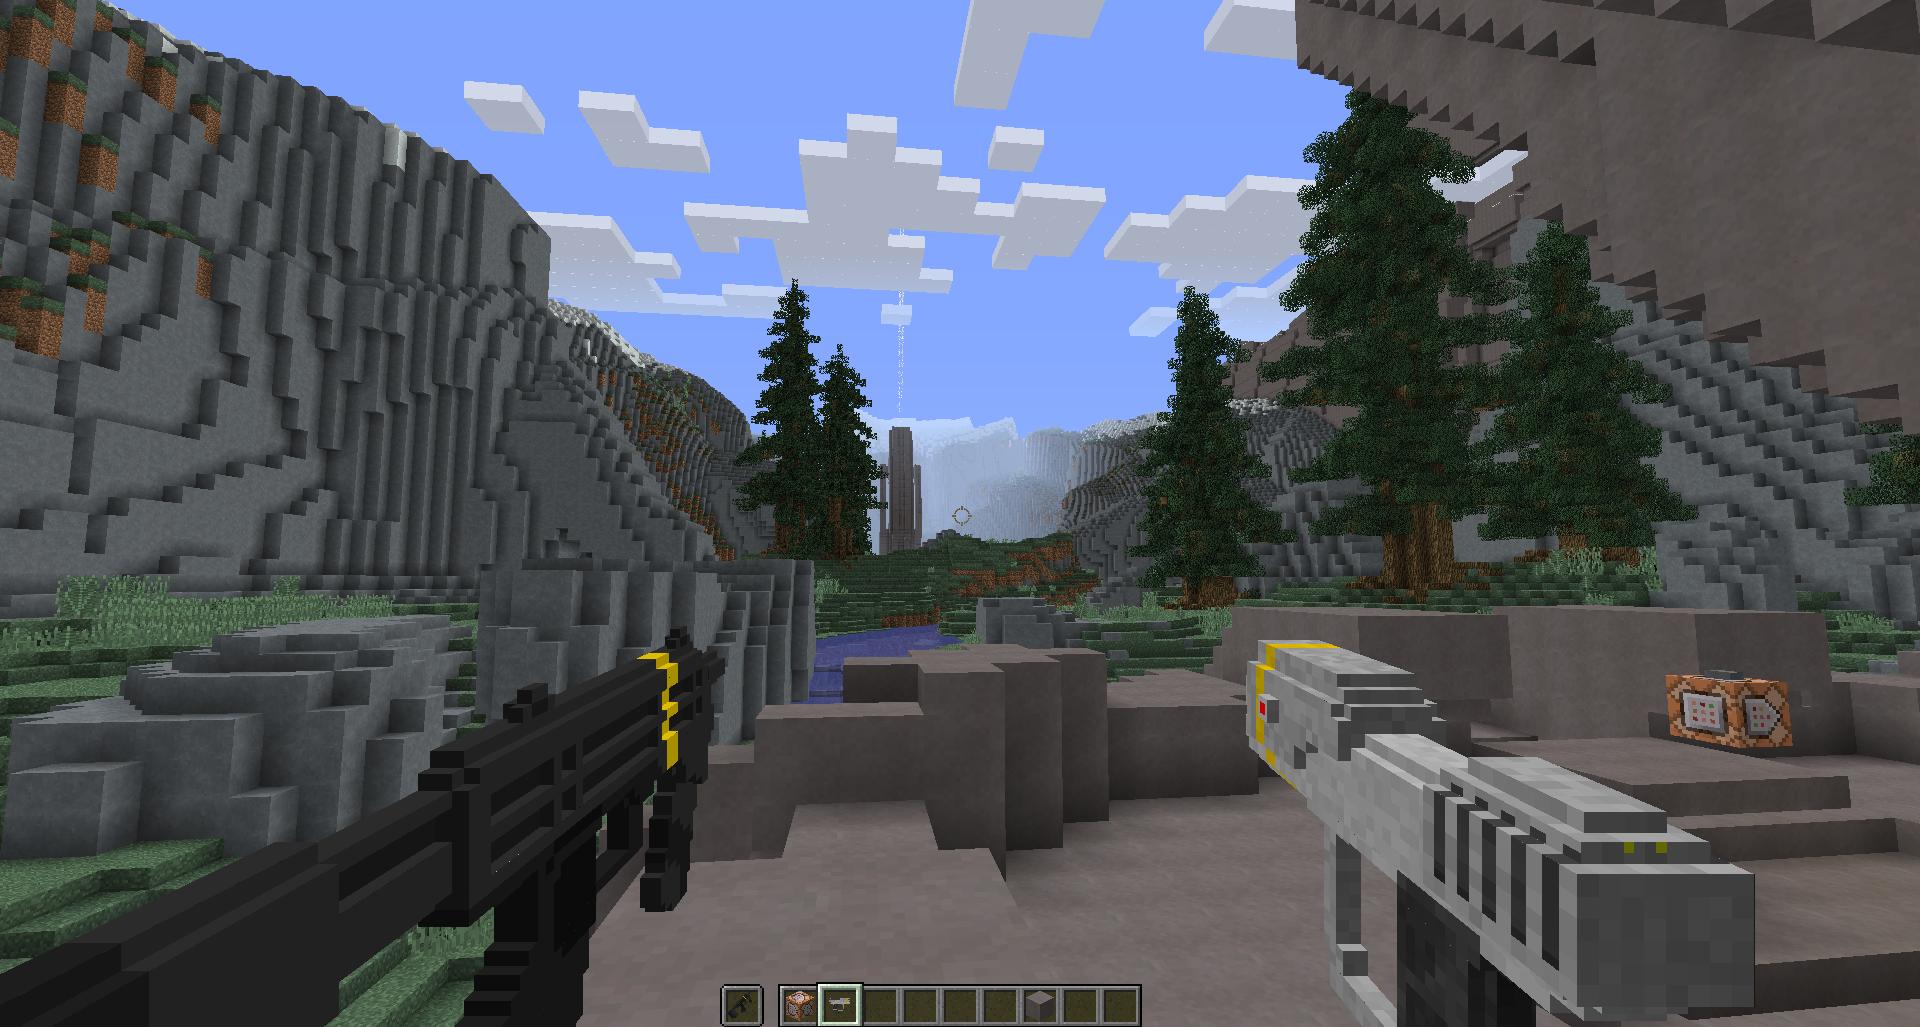 Halo 3 Models & Map - Cubik Studio